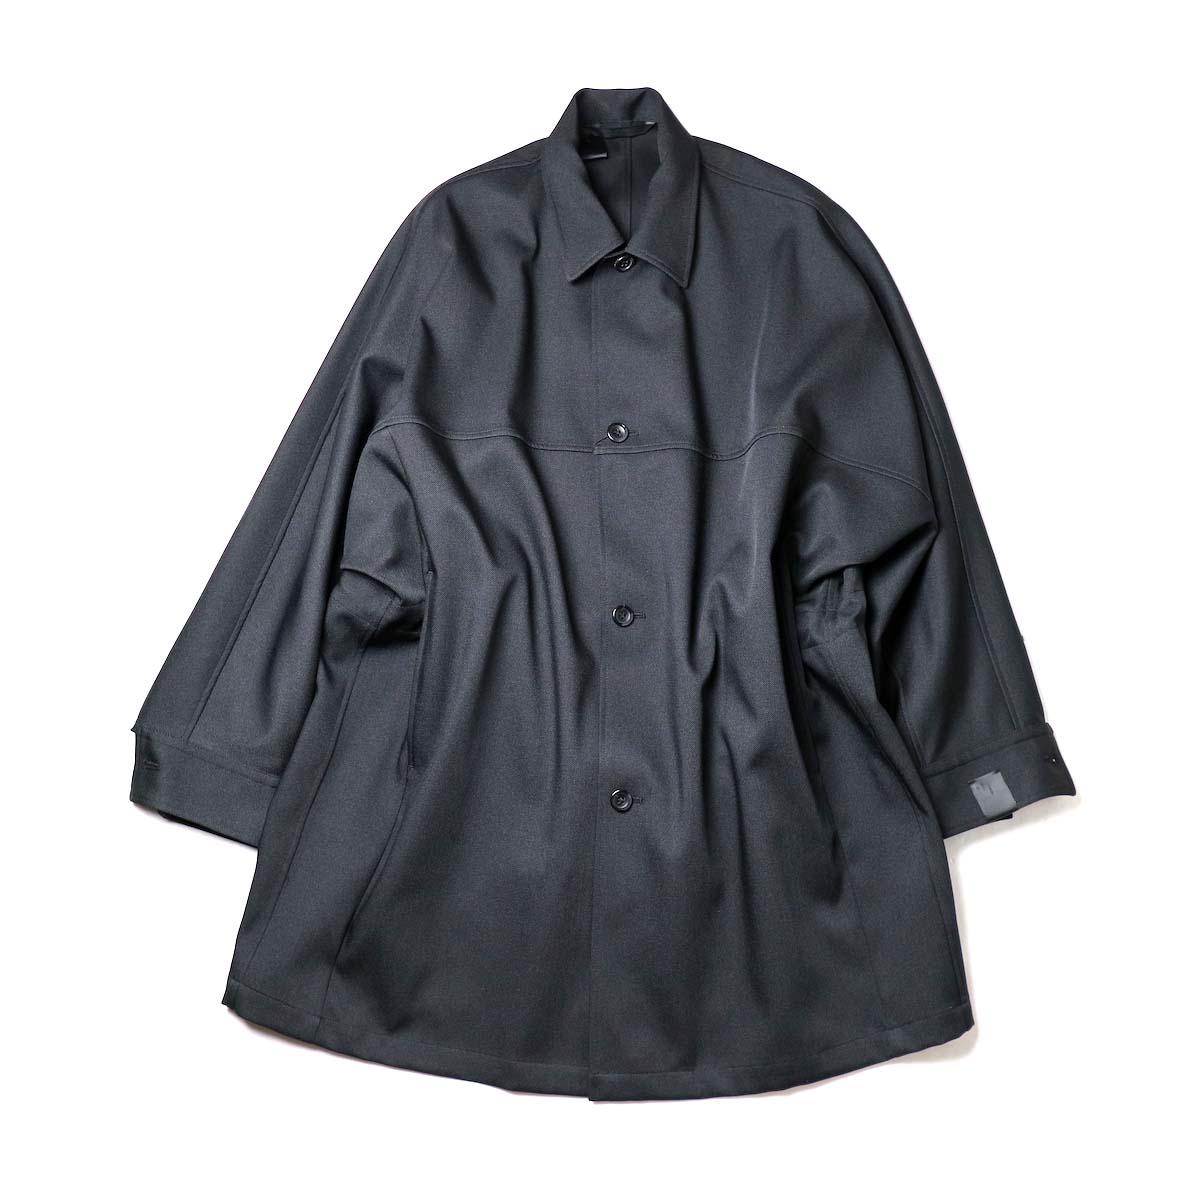 N.HOOLYWOOD / 2202-CO07-017 SHIRT COAT (Black)